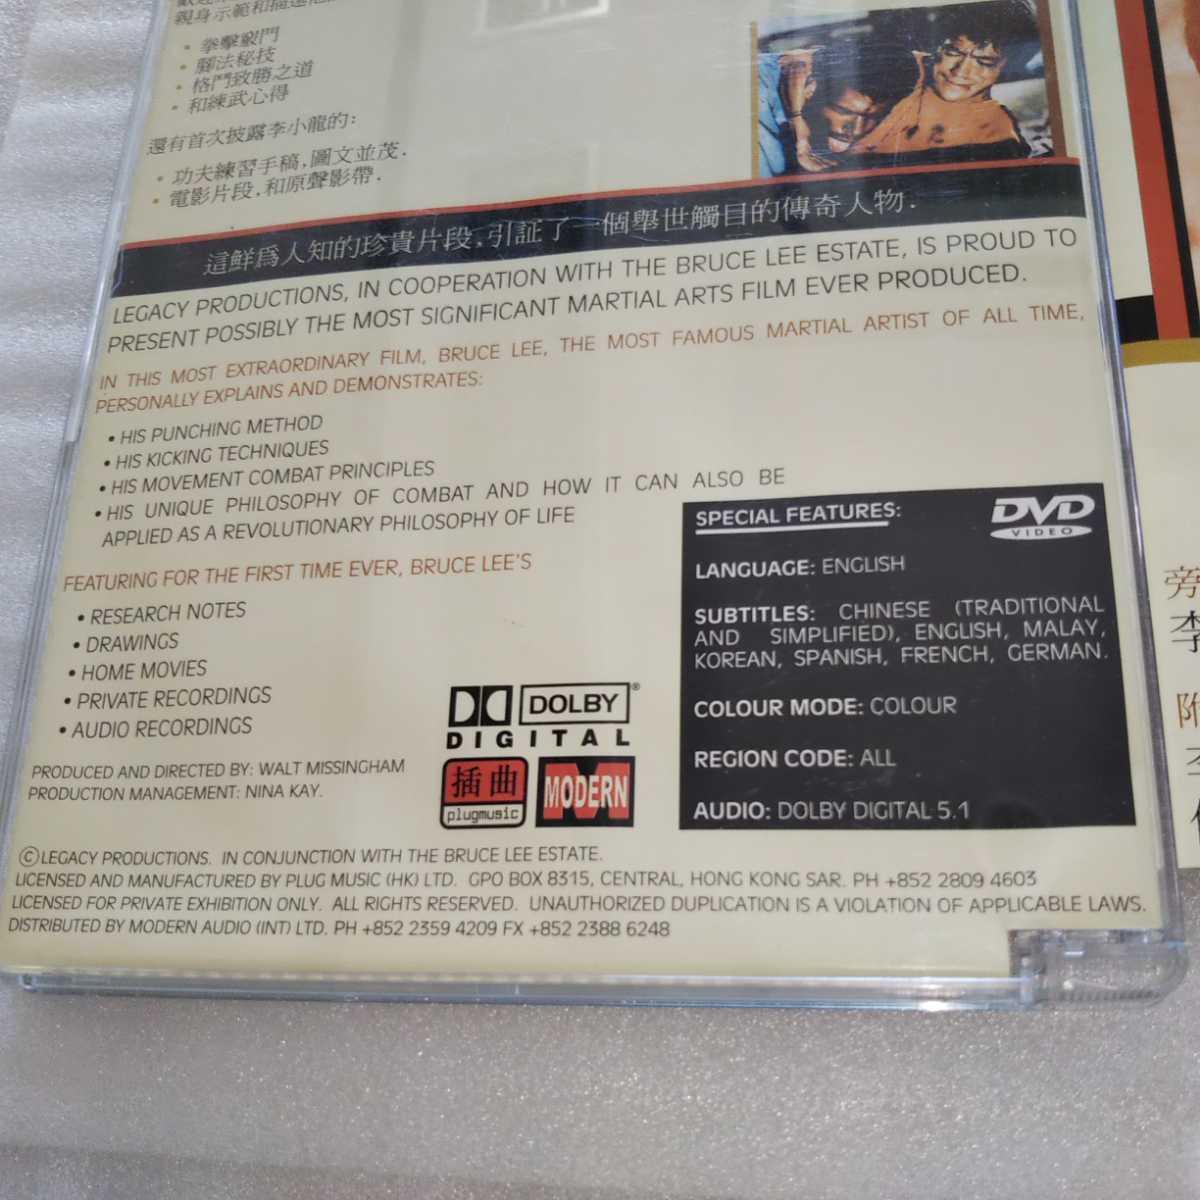 ブルース・リー BRUCE LEE'S JEET KUNE DO 香港盤DVD ジークンドー 李小龍之截拳道 ブランドン・リー ダン・イノサント カンフー ケース難_画像9